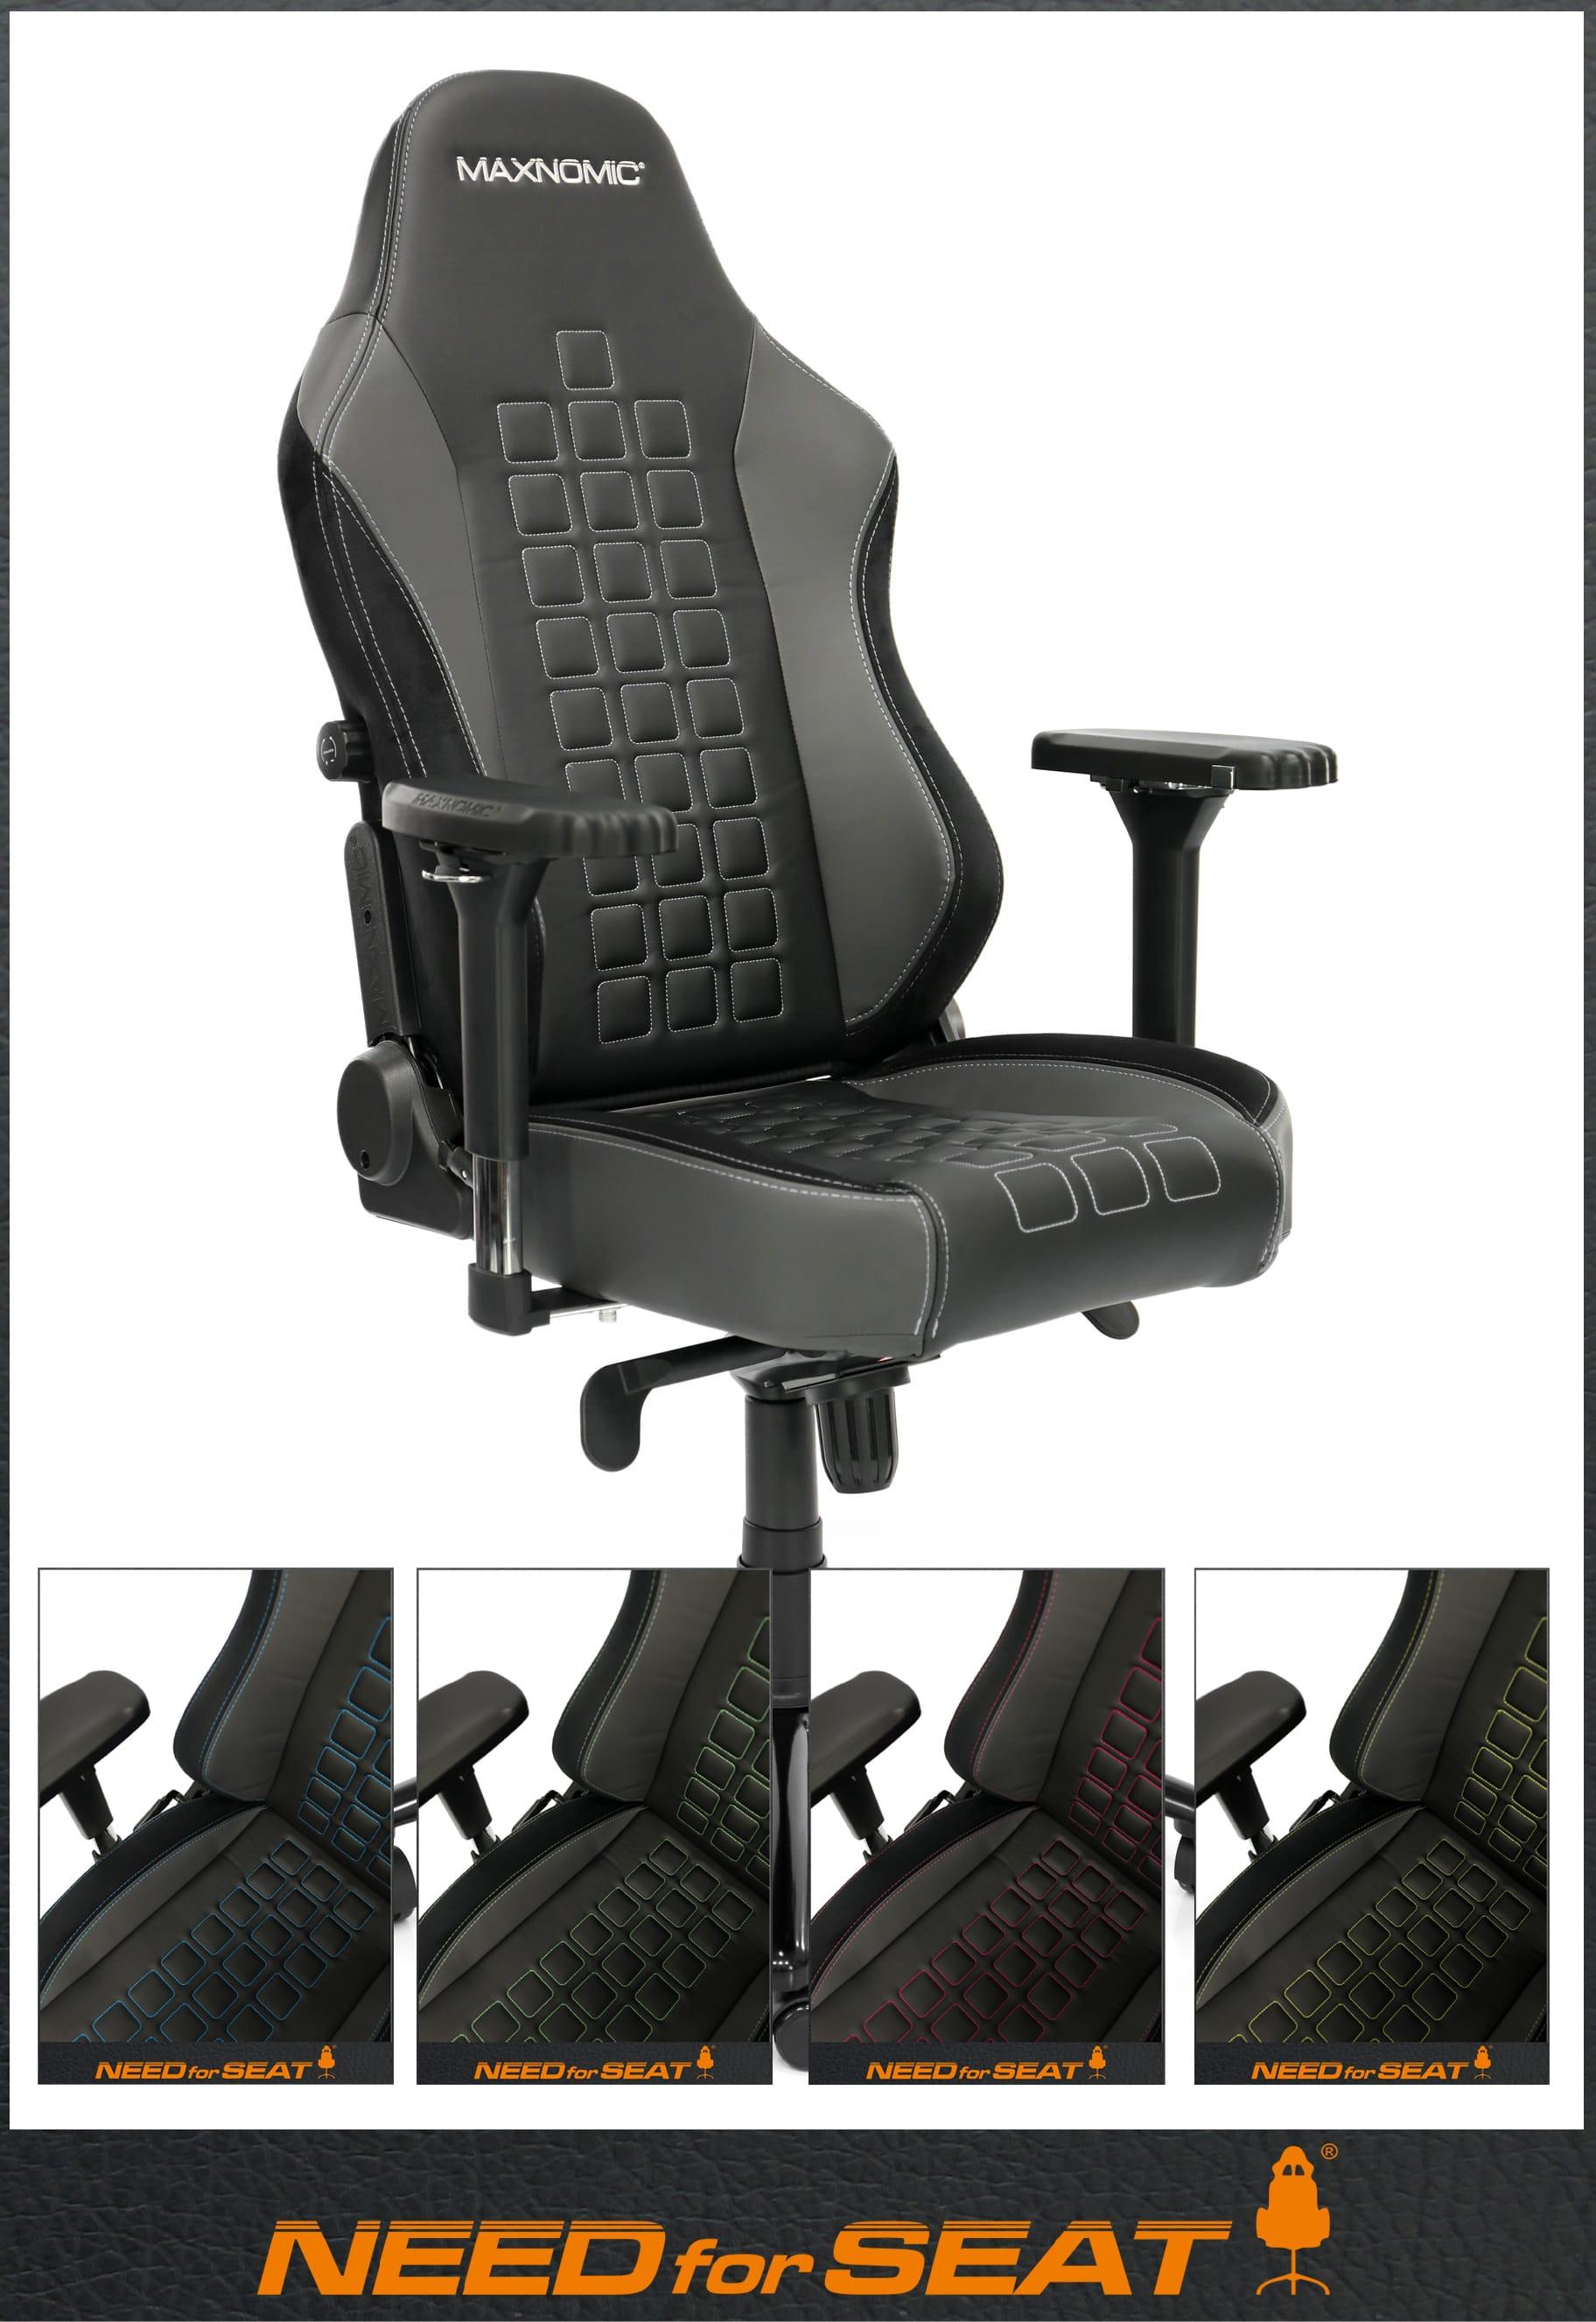 siege gamer maxnomic quadceptor ofc achat en ligne needforseat france. Black Bedroom Furniture Sets. Home Design Ideas